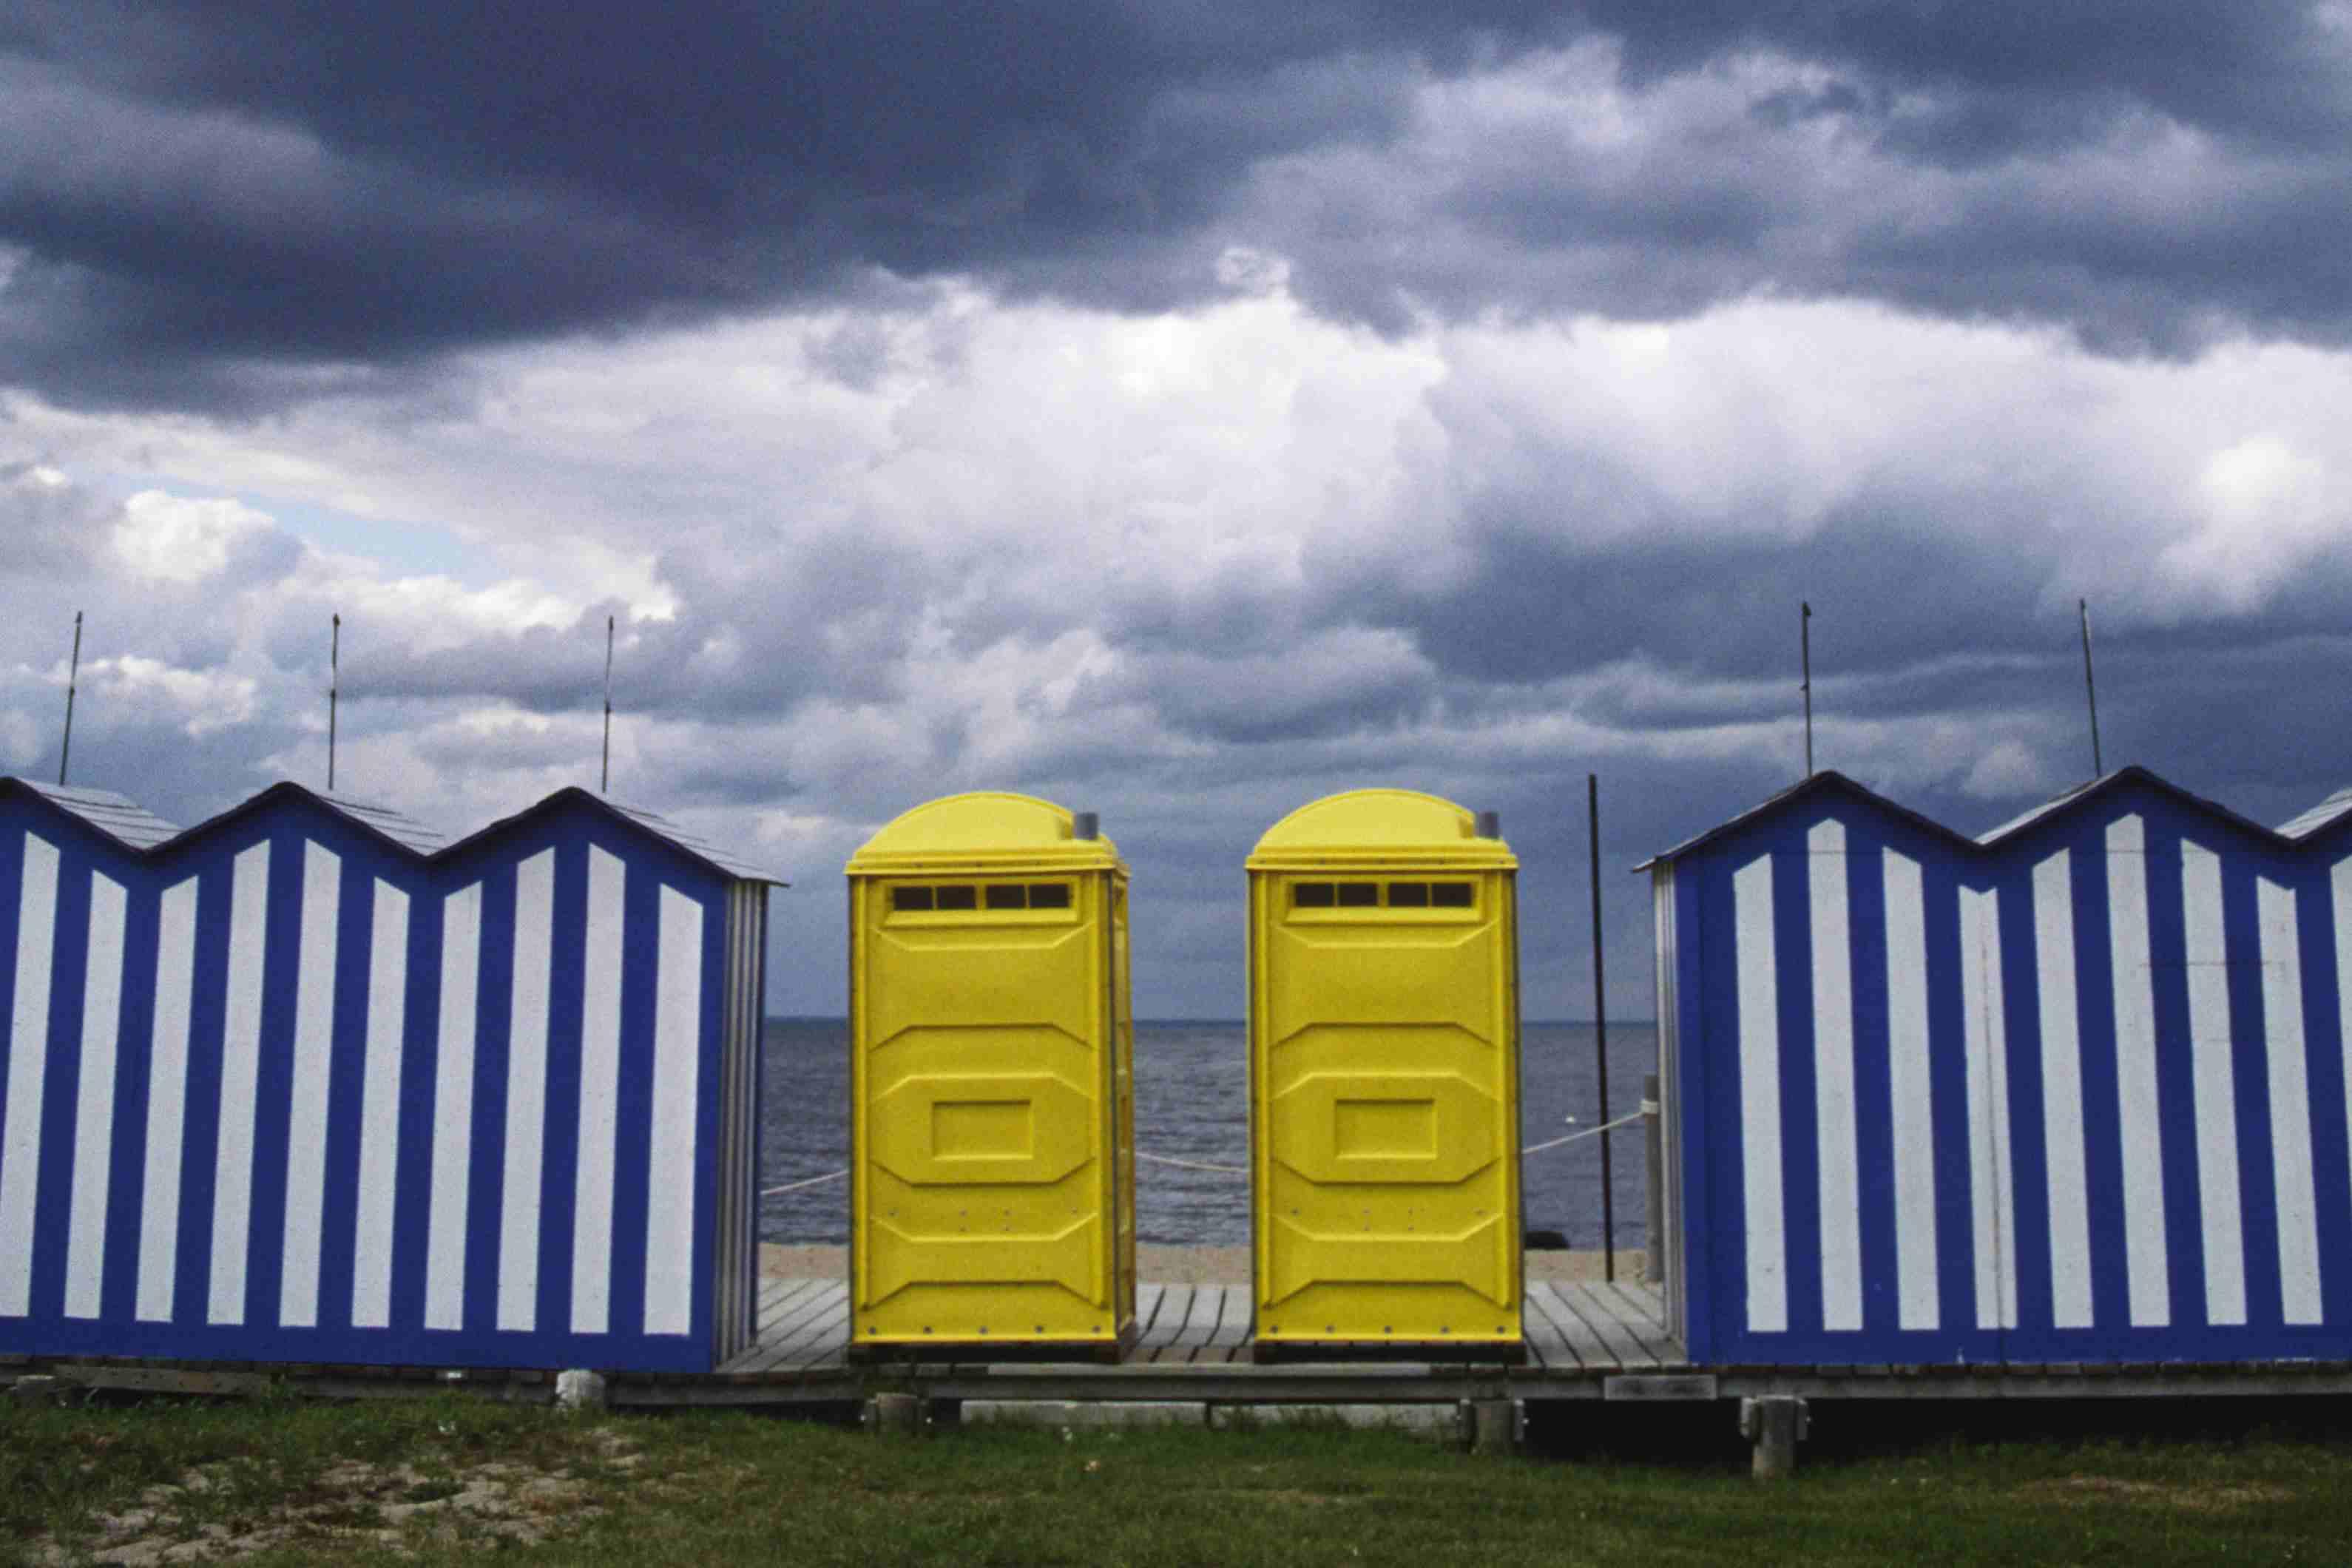 portable toilets outside